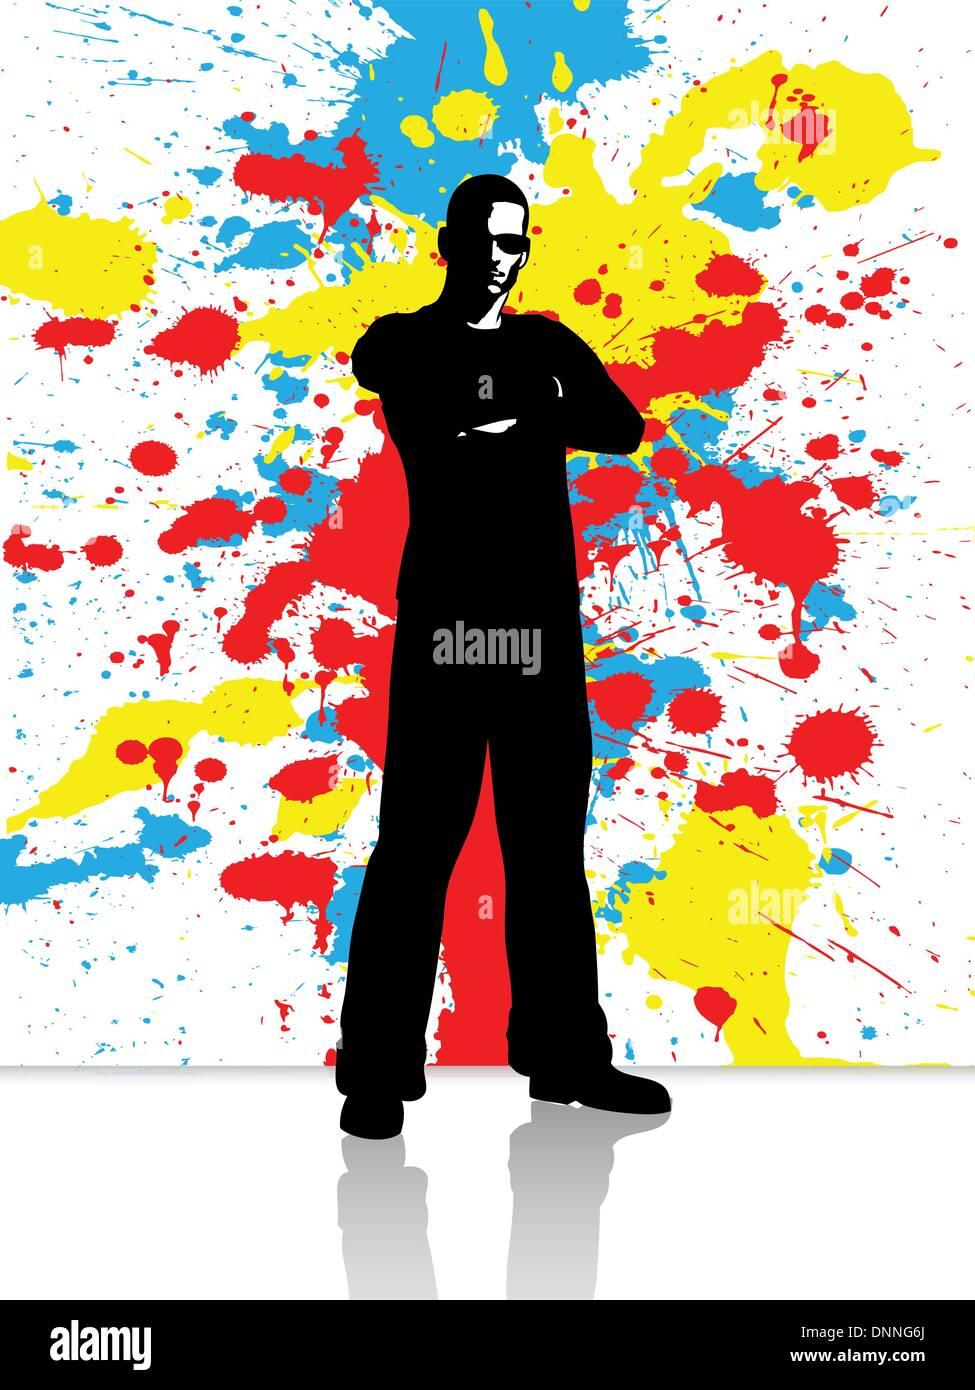 Silueta de un hombre en un fondo grunge Imagen De Stock